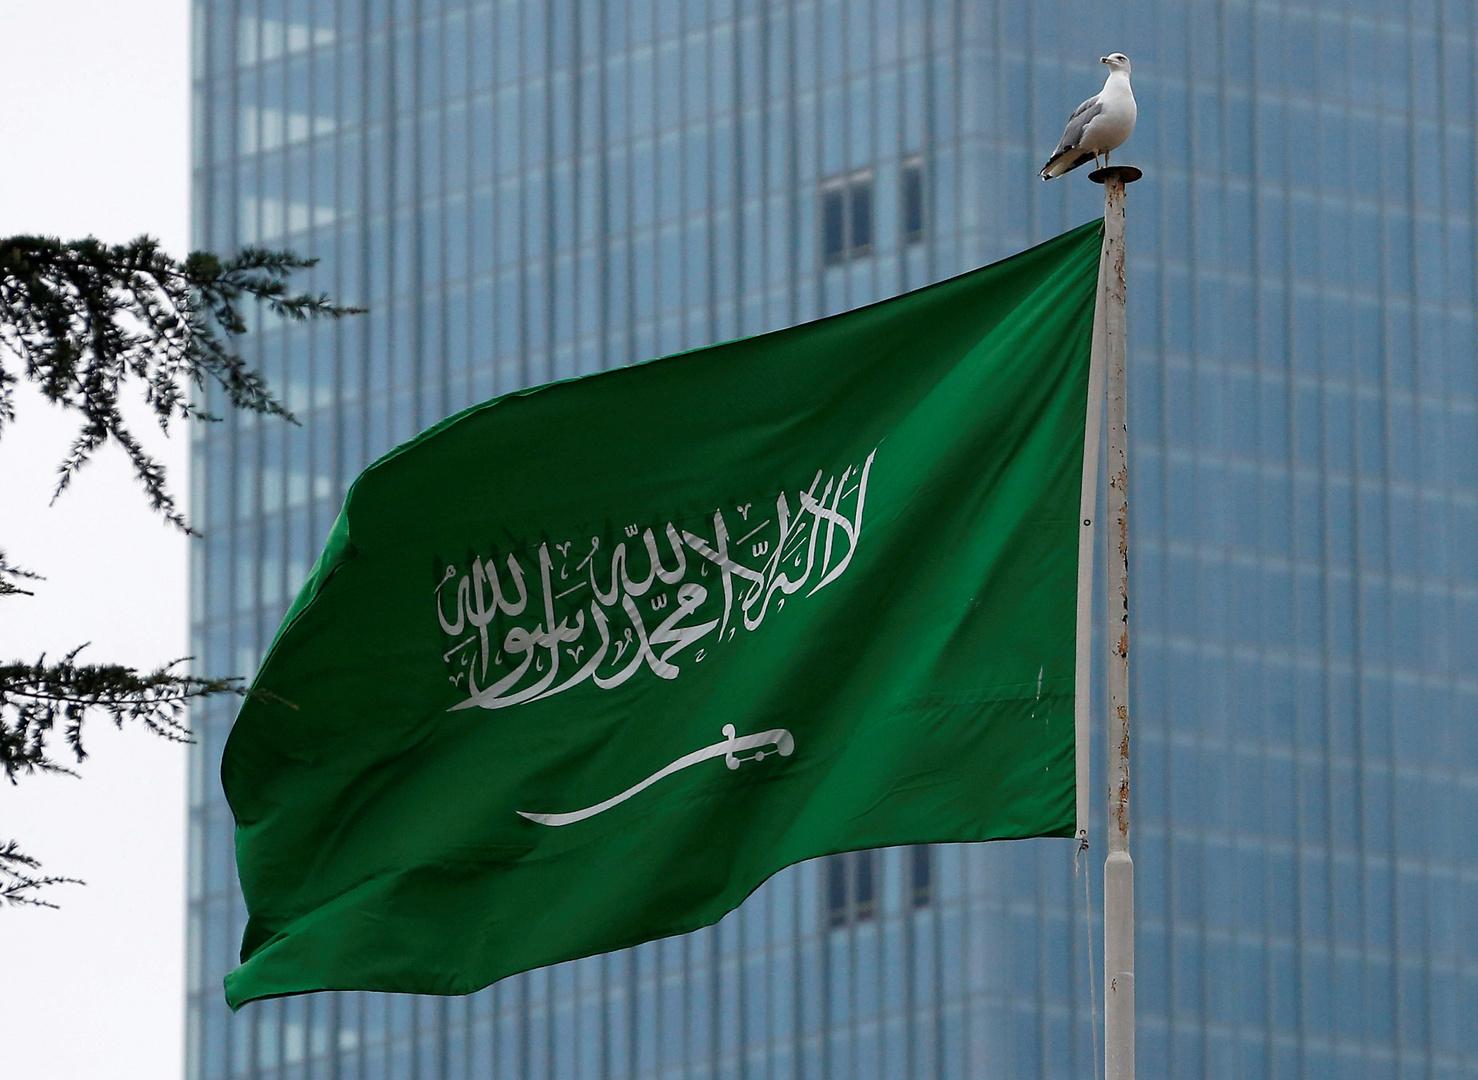 تركي الفيصل لـRT: السعودية لا تريد الحصول على وصاية القدس وكل ما يقال شائعات